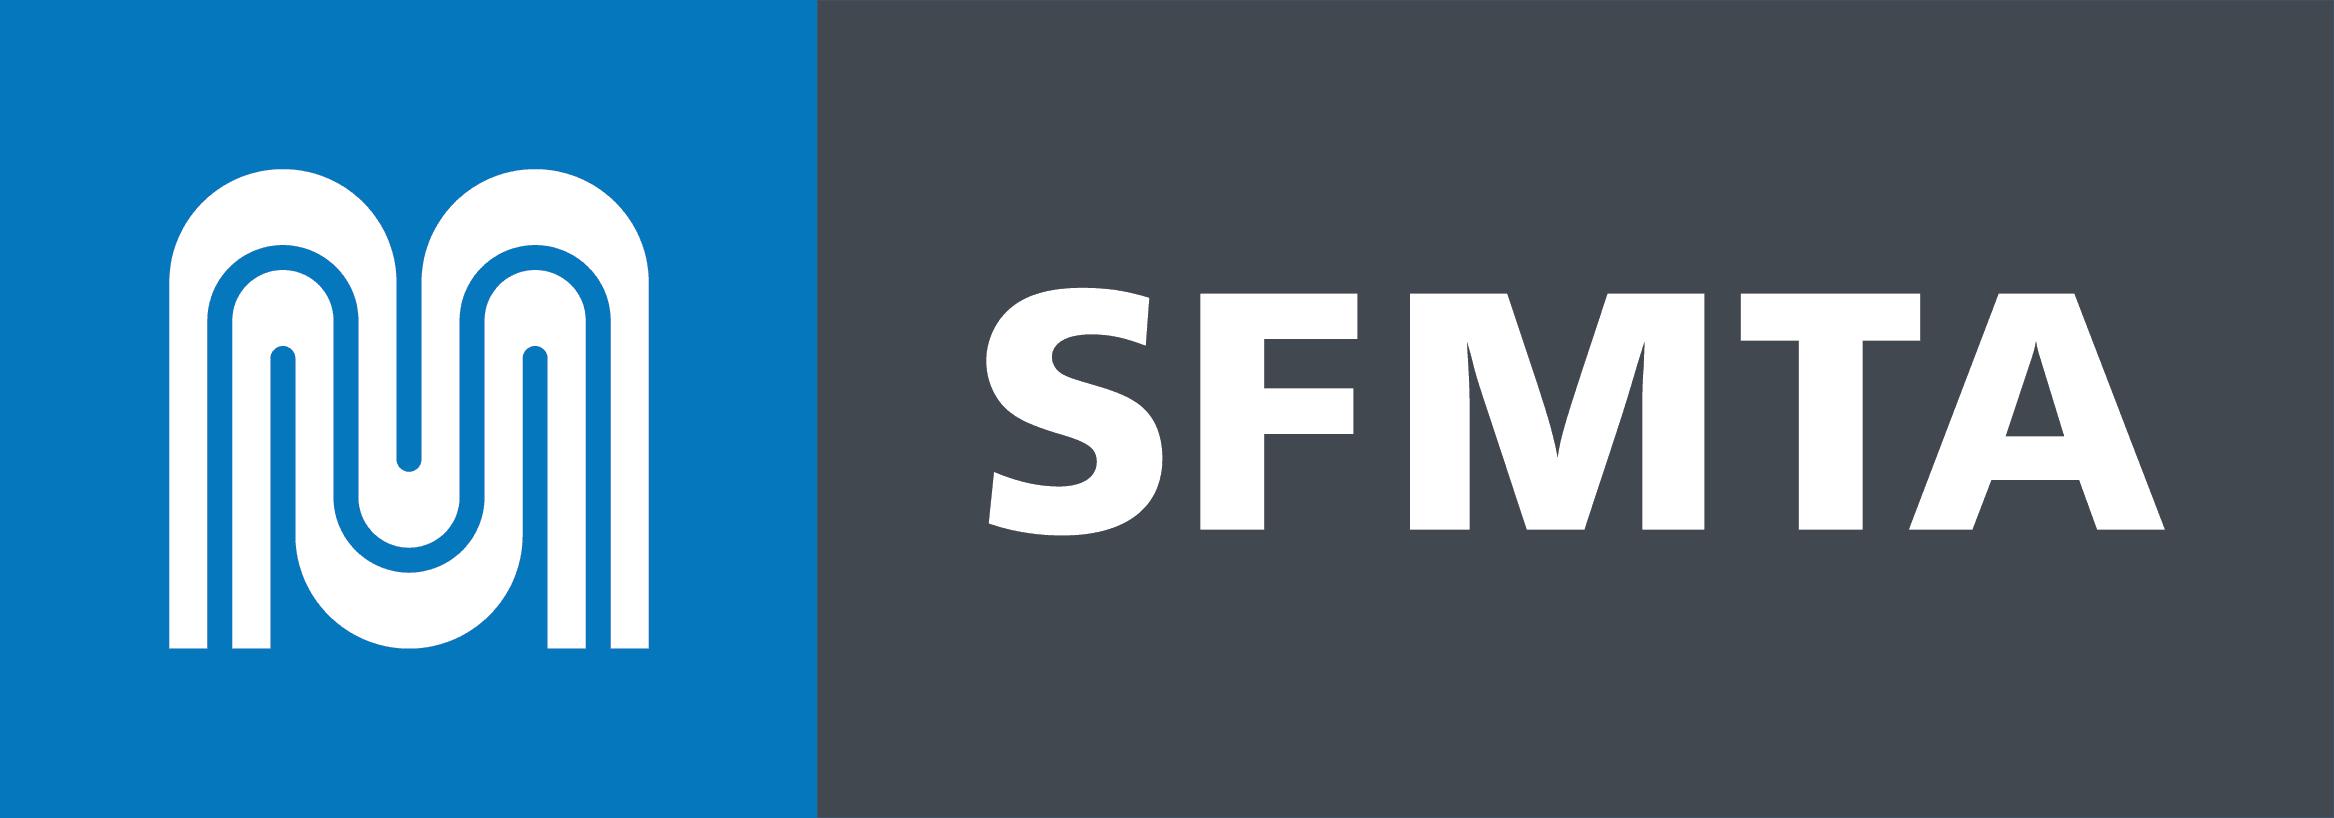 sfmta-logo_0_0